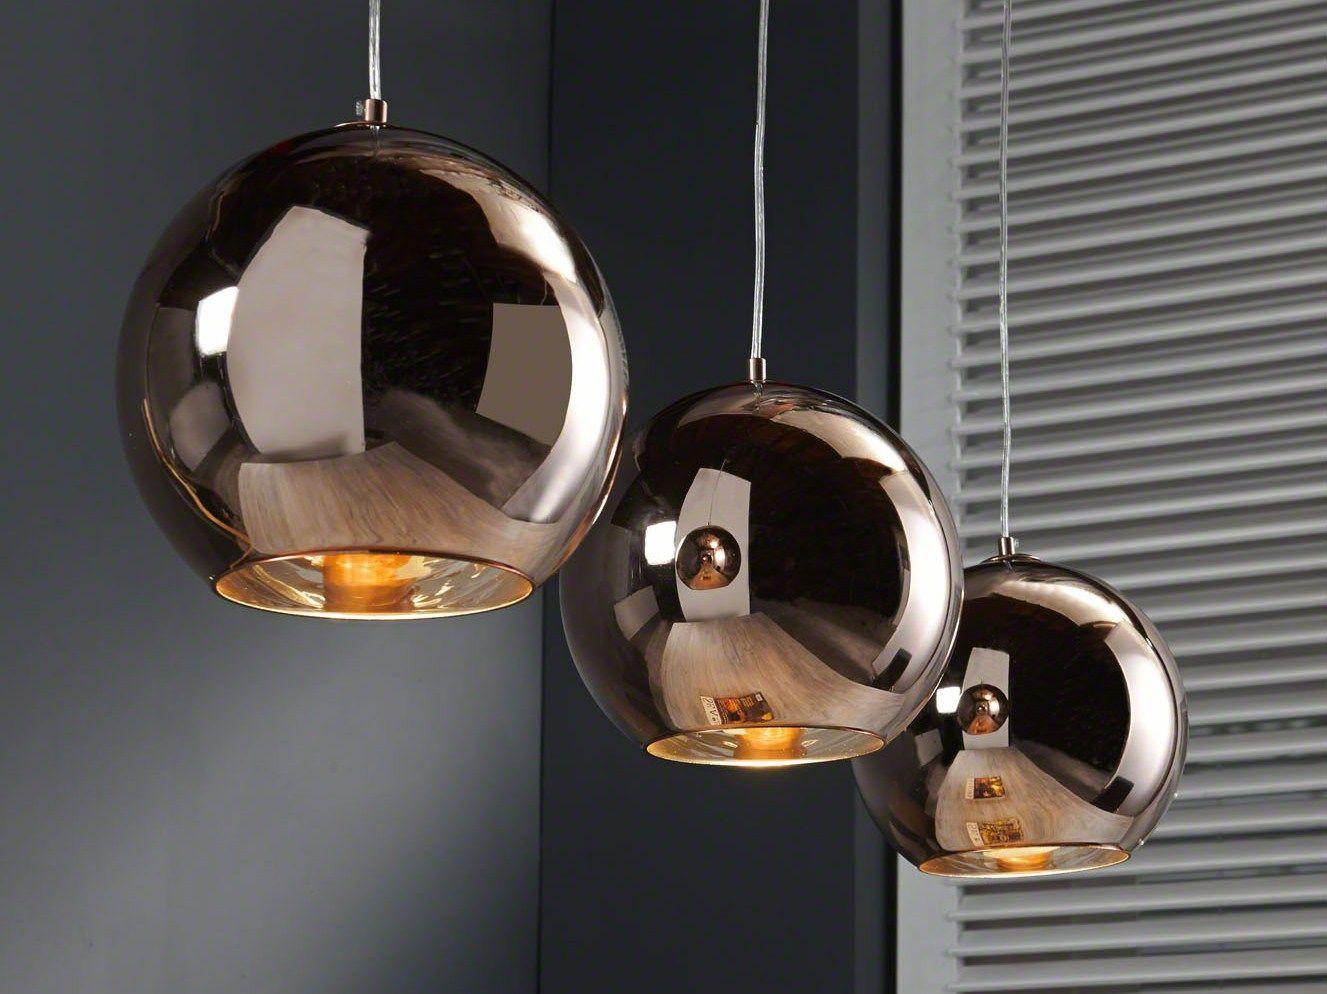 Günstige Wohnzimmerlampen ~ Collectie prima lux en idee : hanglamp bestaande uit 3 lampen let